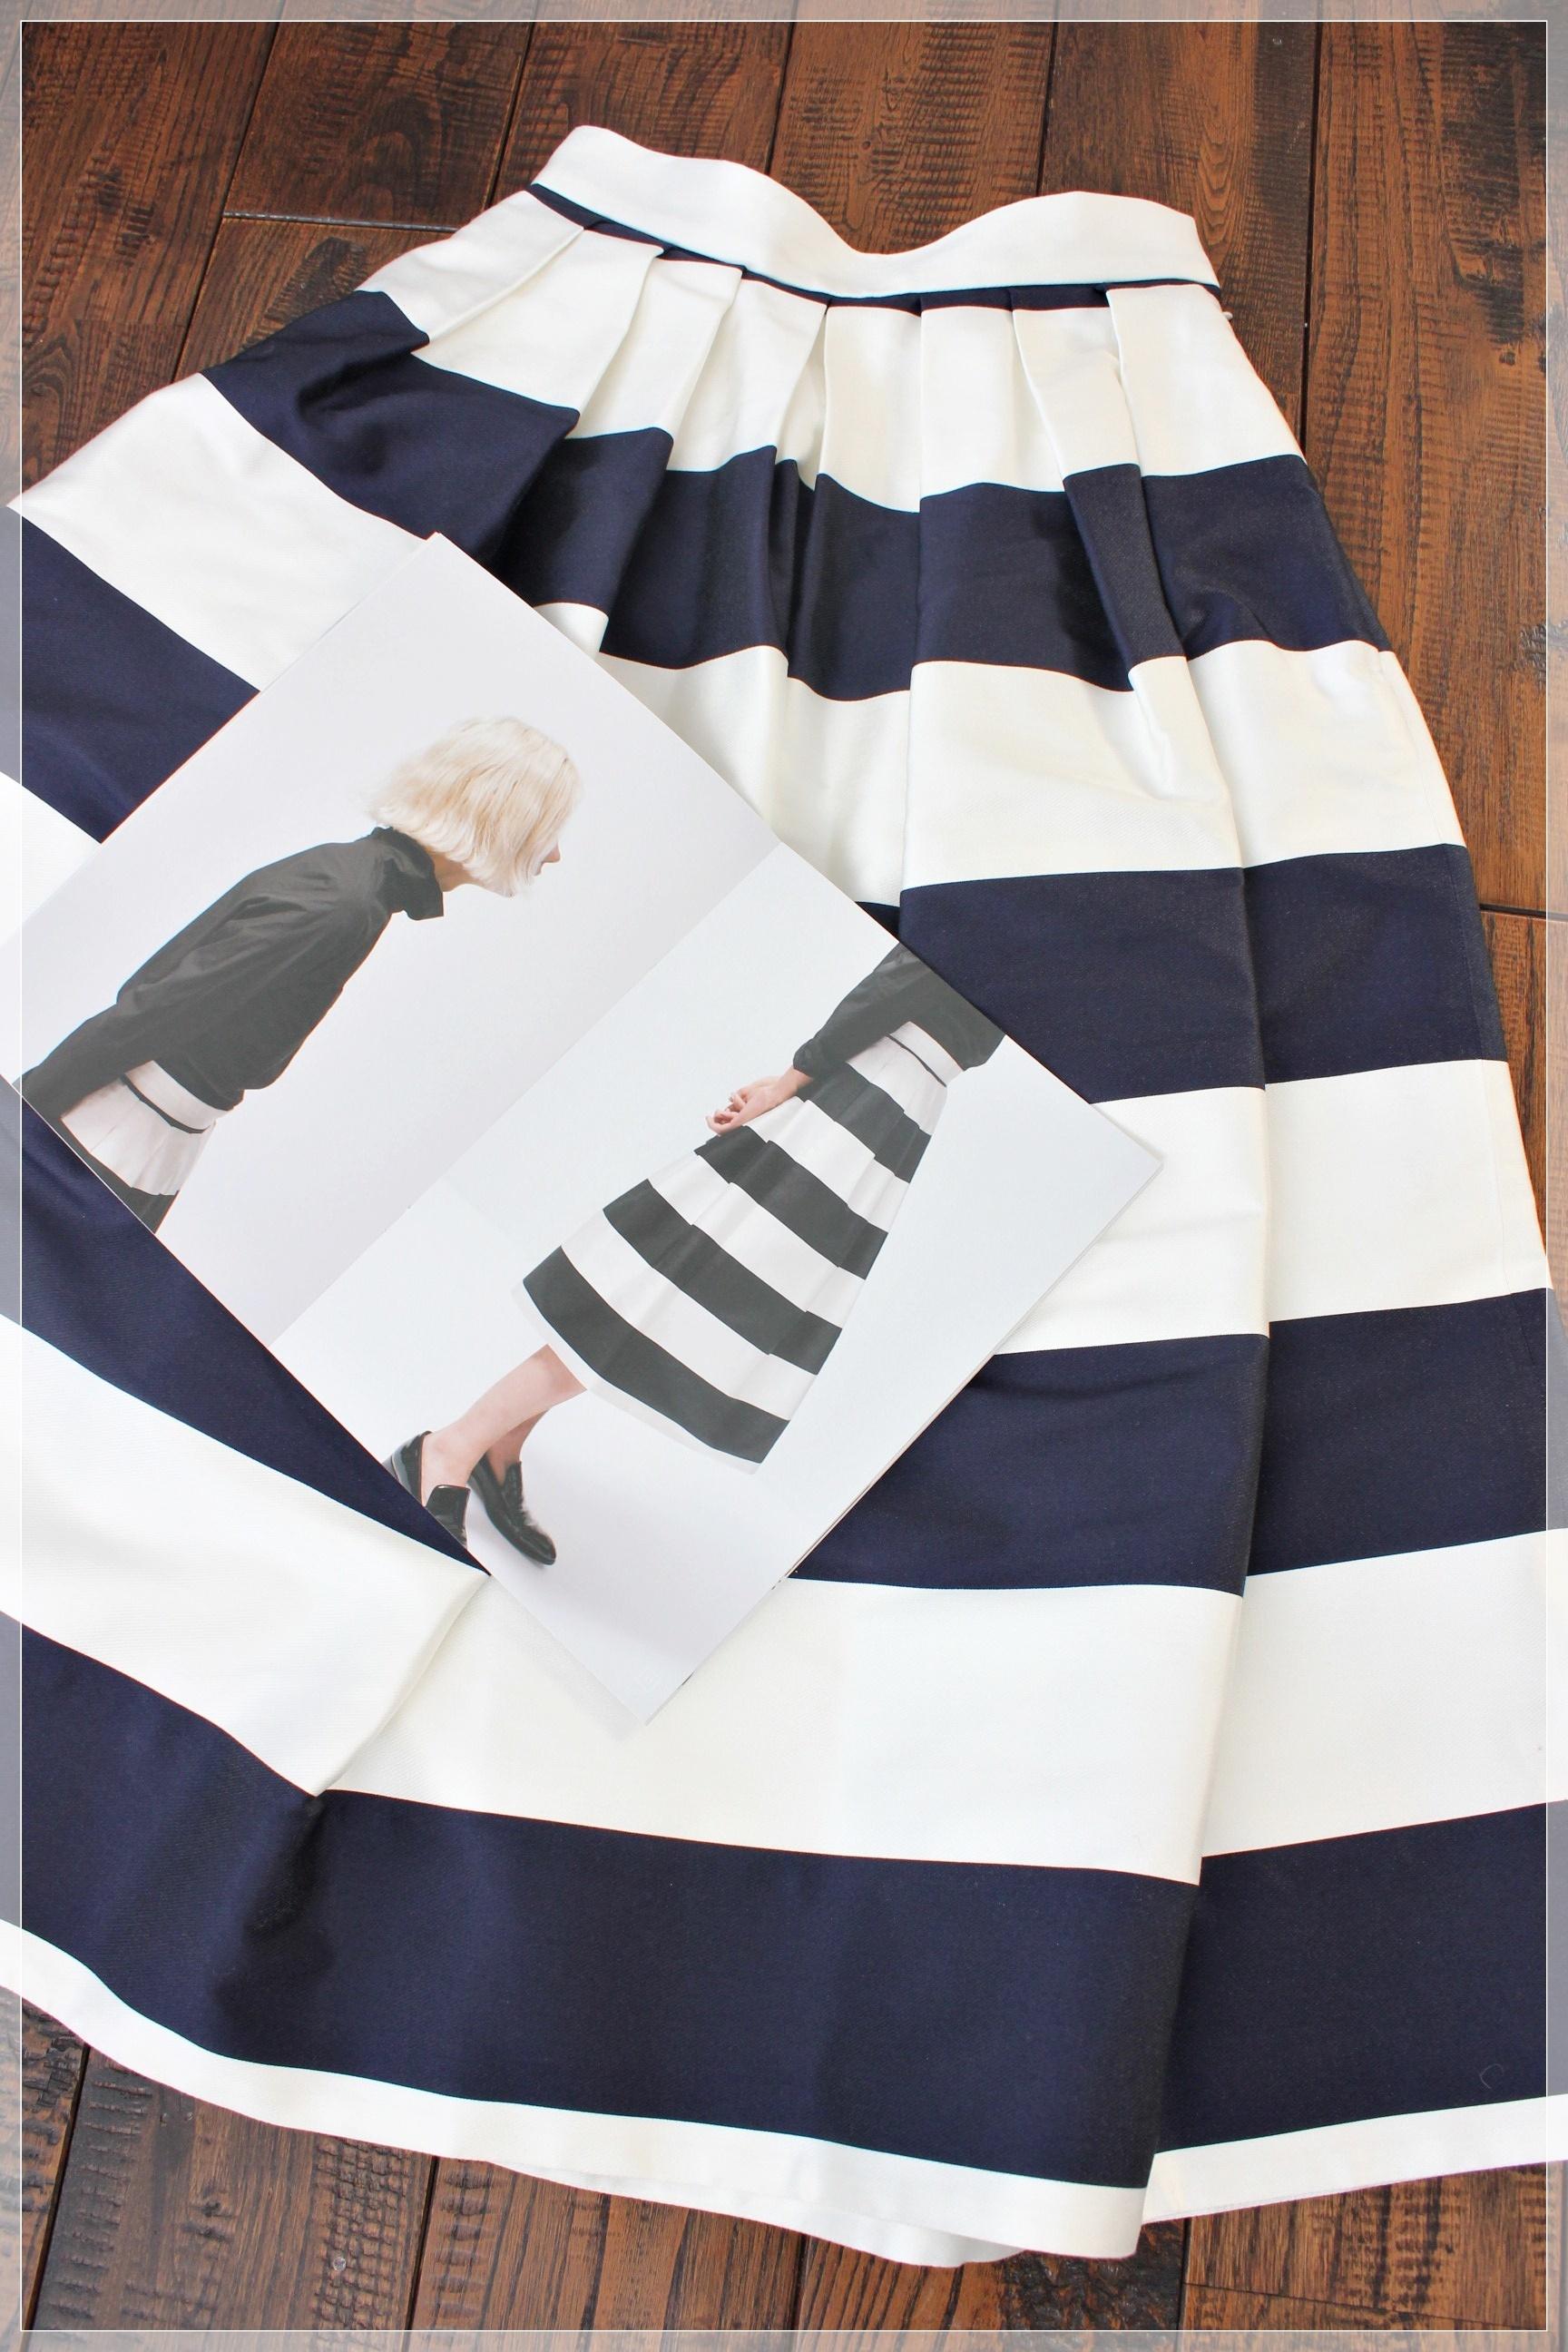 出過ぎず、存在感のある佇まい 大人の為のスカートブランド SHE Tokyoに心奪われてます♡_1_2